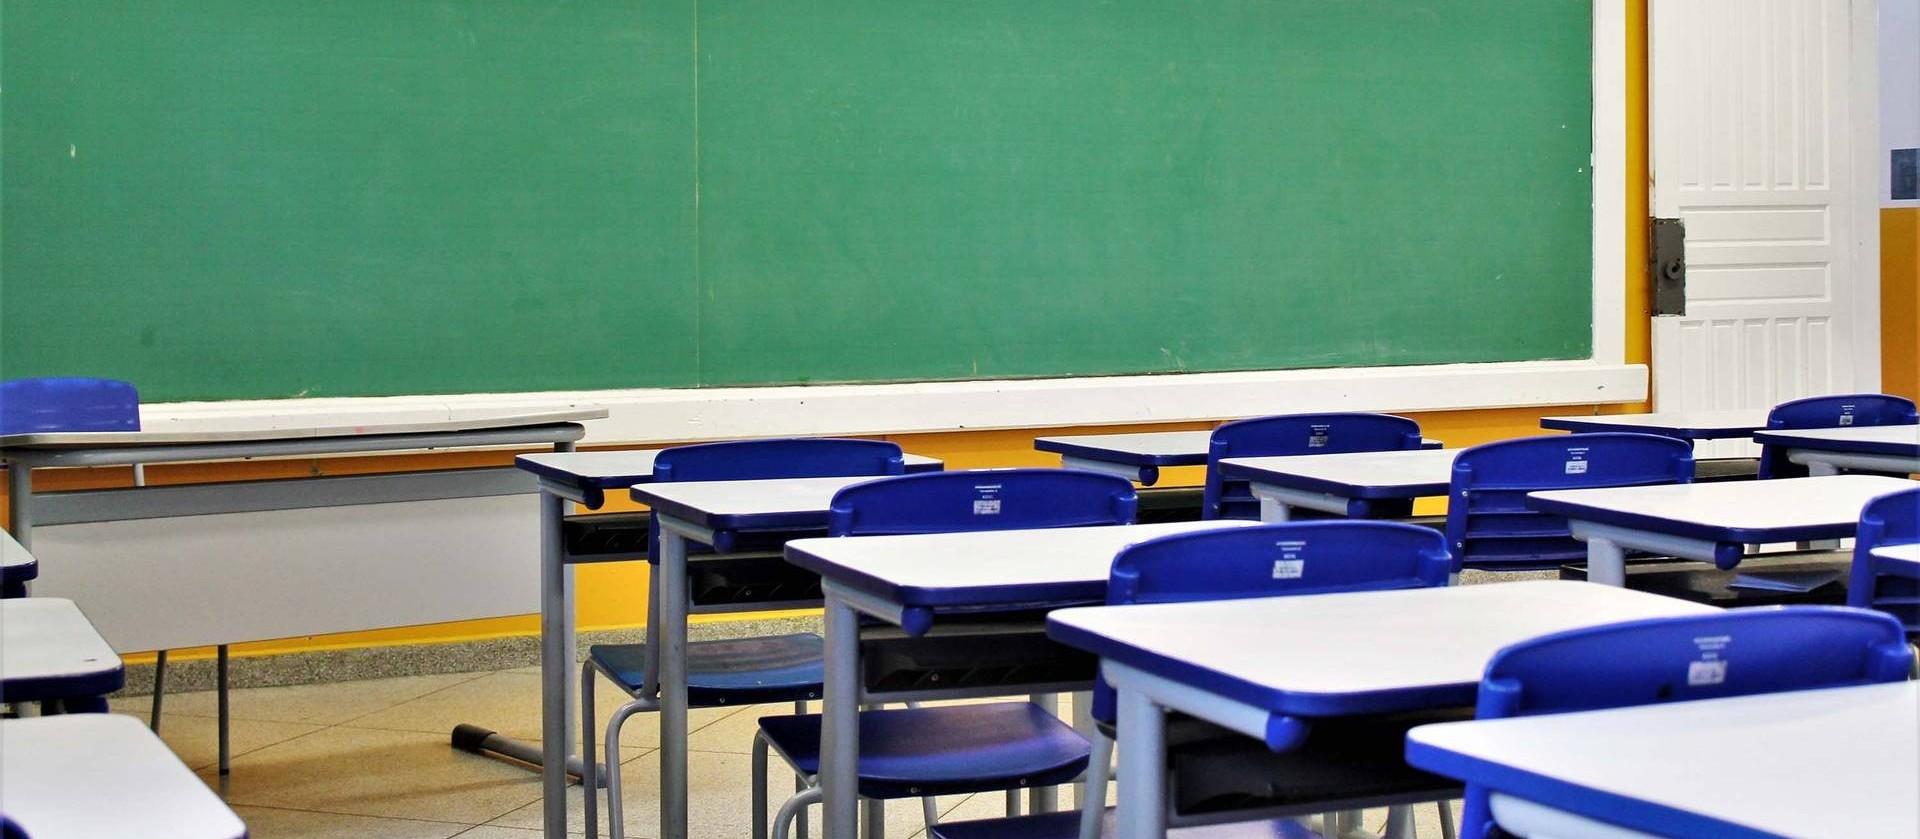 Escolas da rede estadual de ensino vão voltar às aulas presenciais no dia 10 de maio